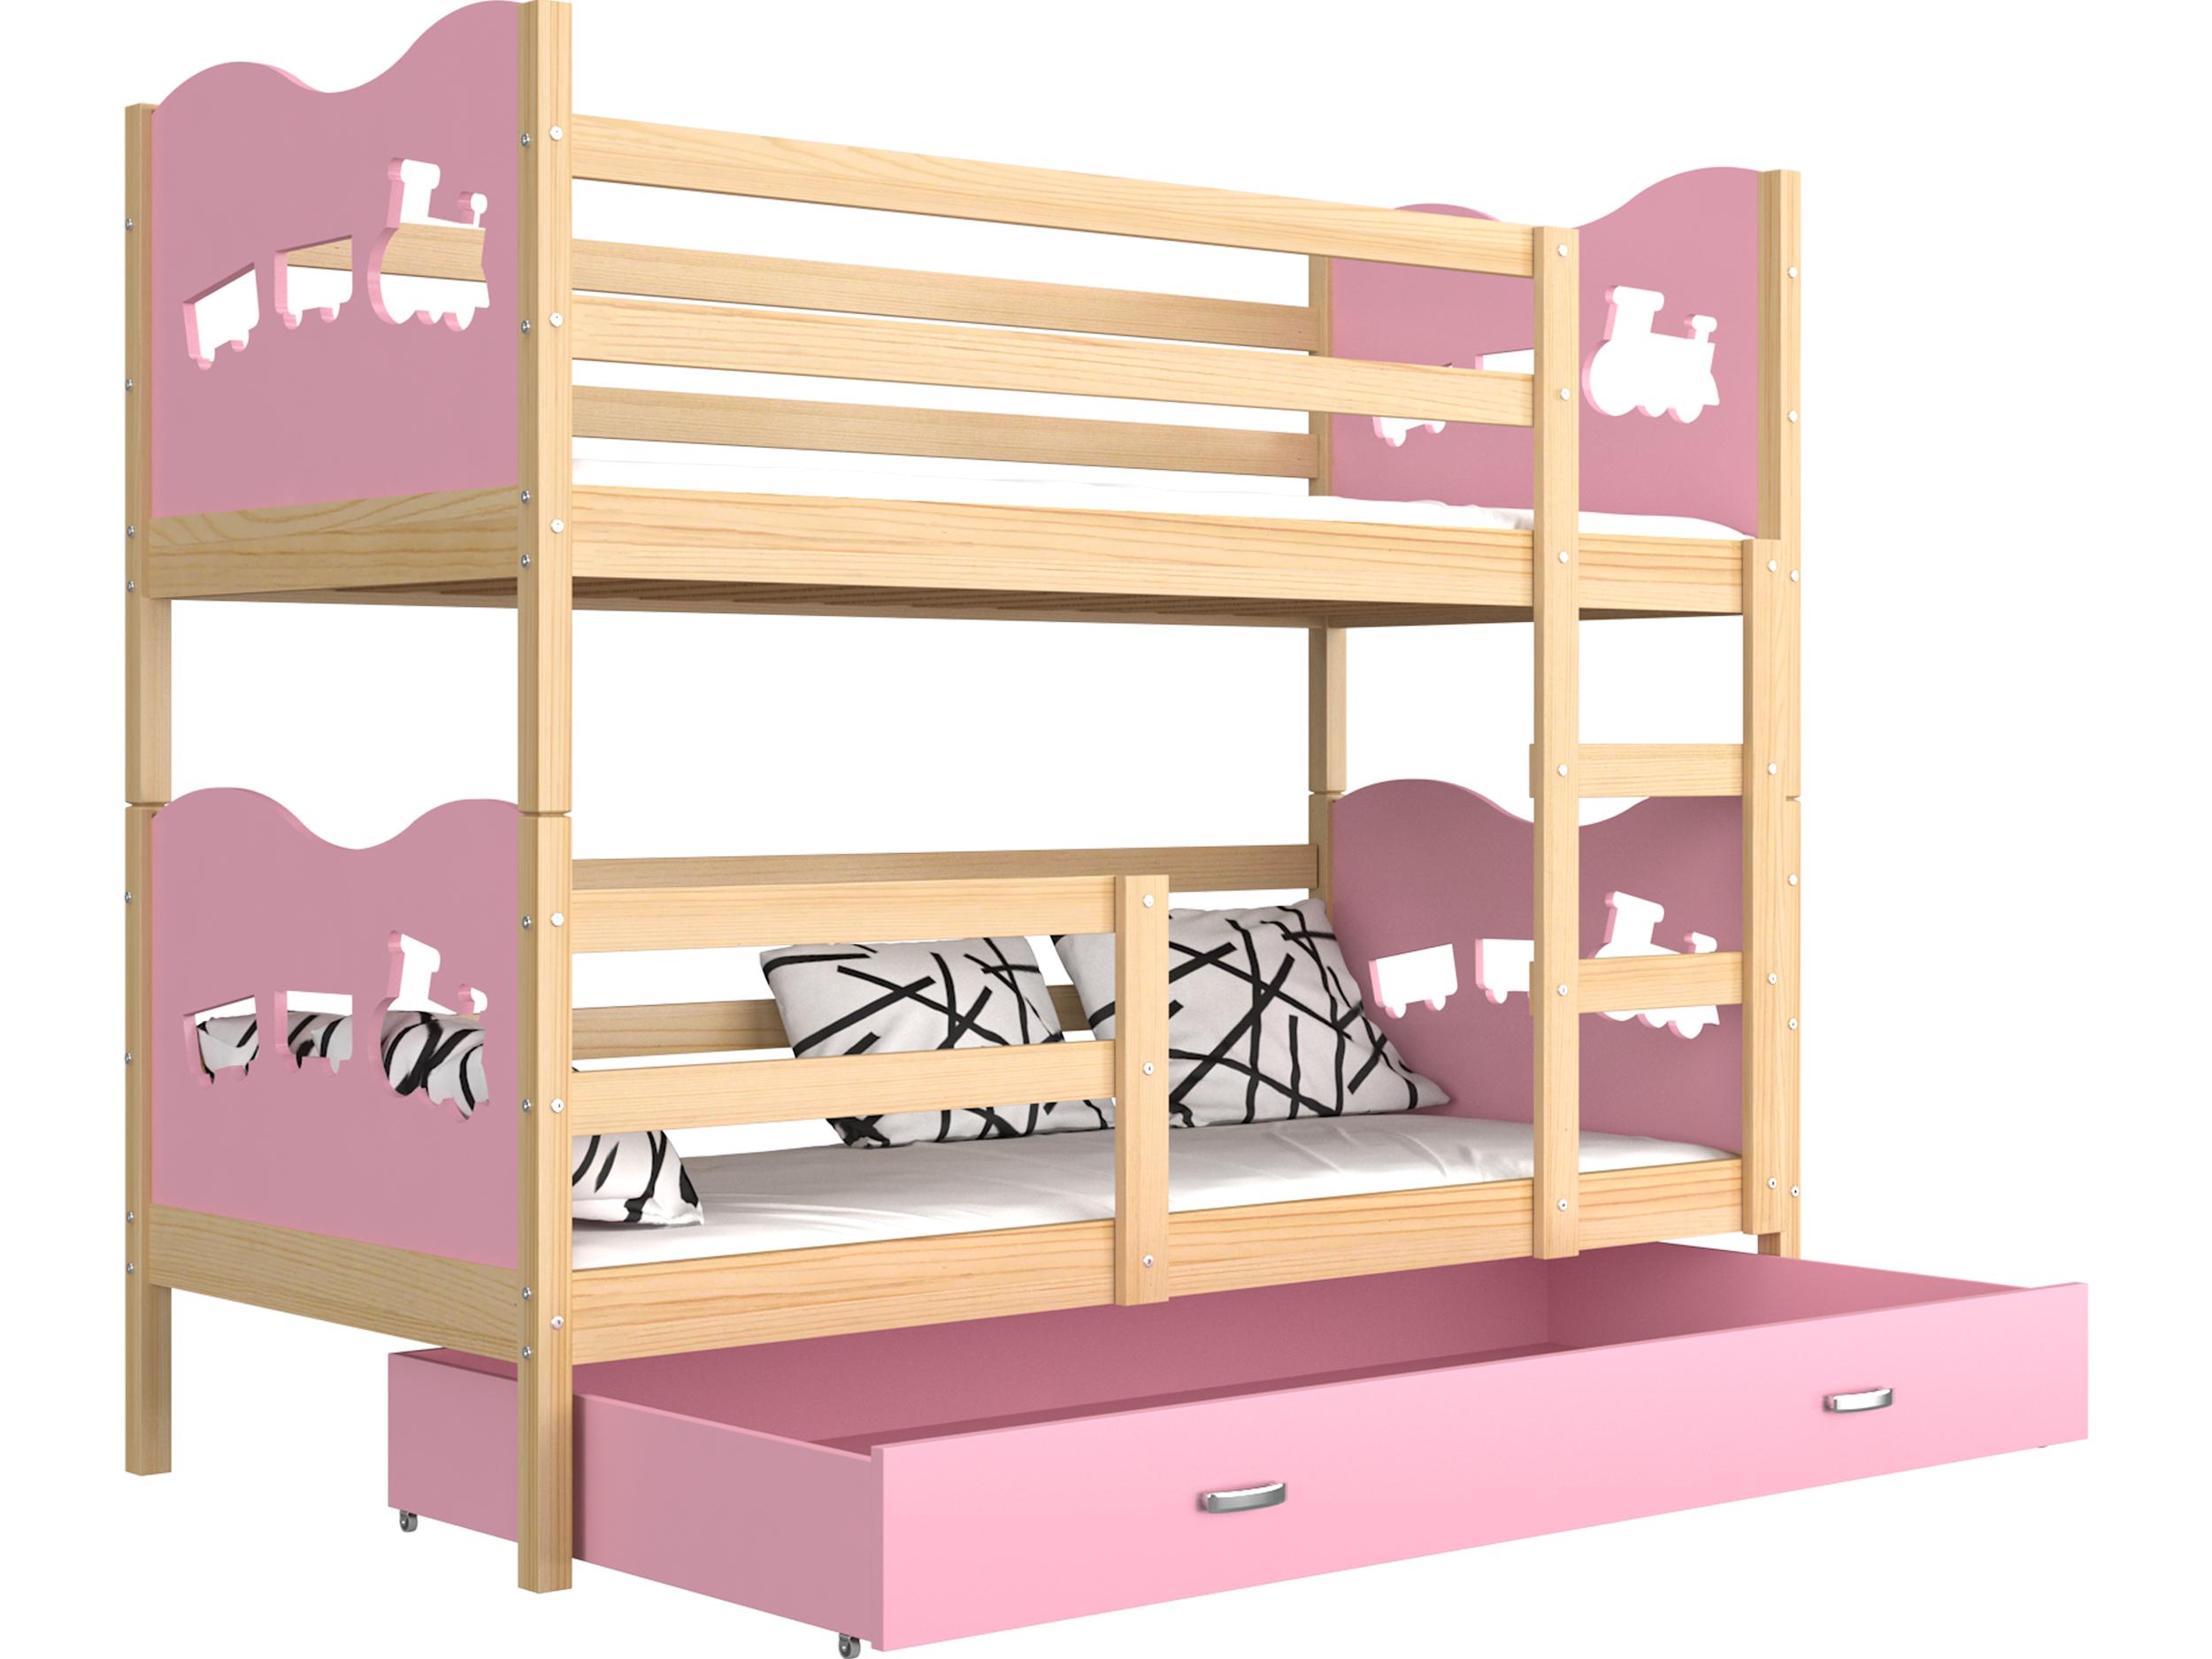 ArtAJ Detská poschodová posteľ Max drevo / MDF 160 x 80 cm Farba: Borovica / ružová 160 x 80 cm, s matracom